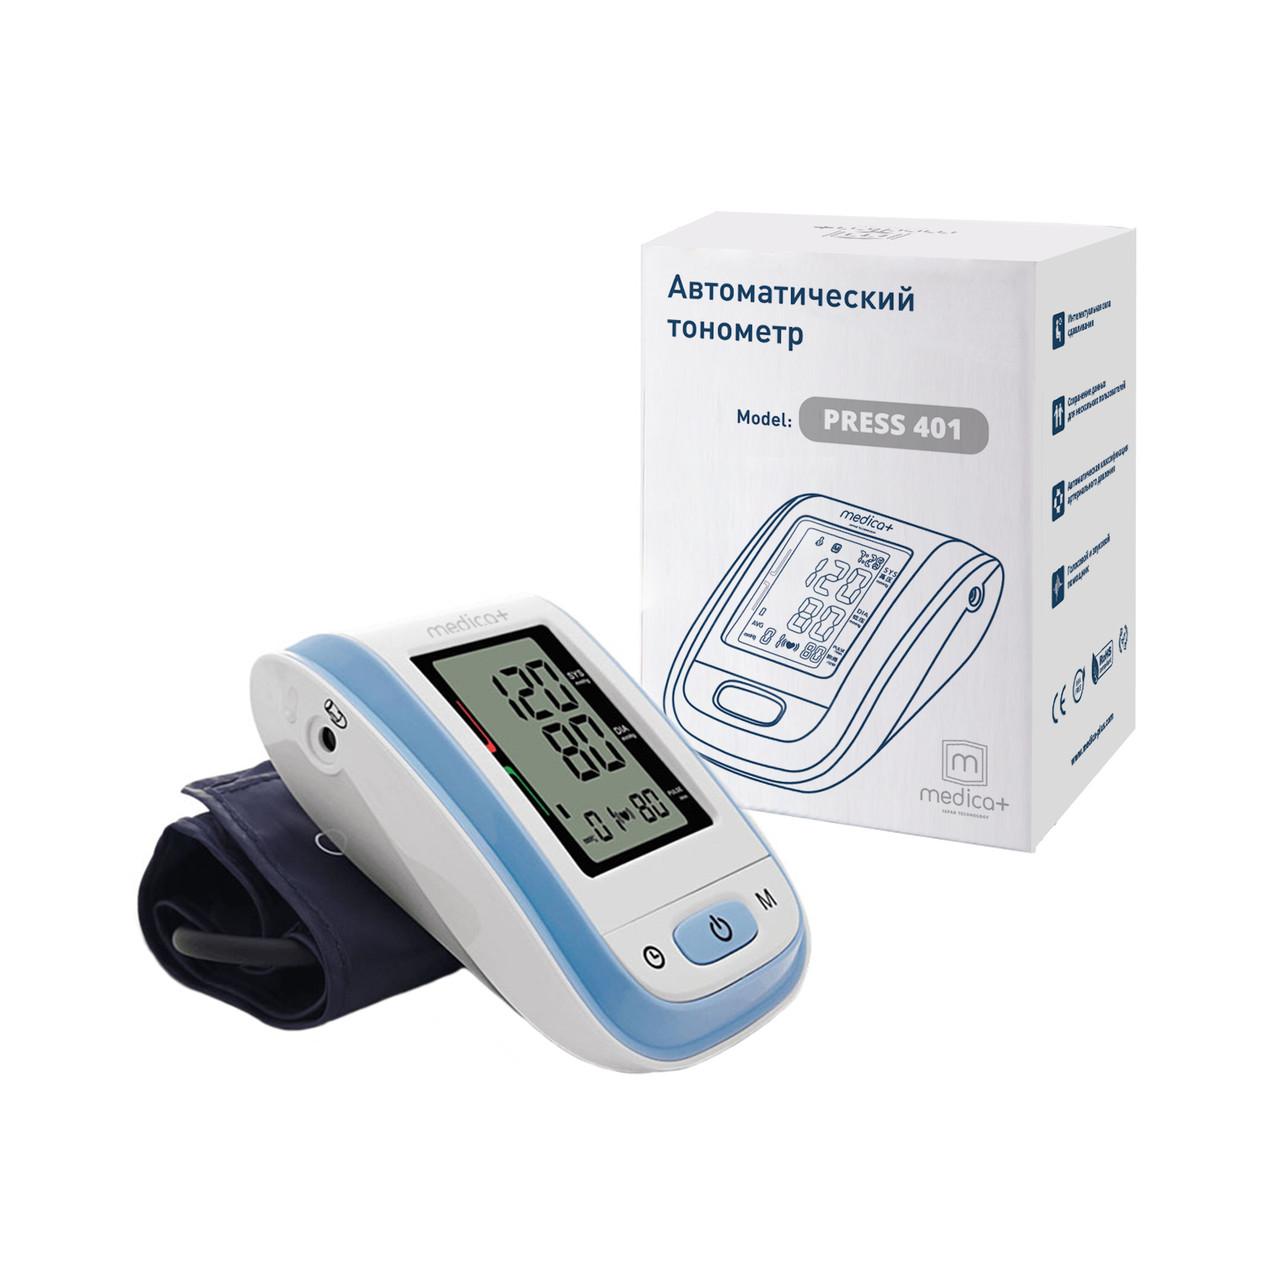 Автоматический тонометр Medica+ Press 401 blue с манжетой (Япония)